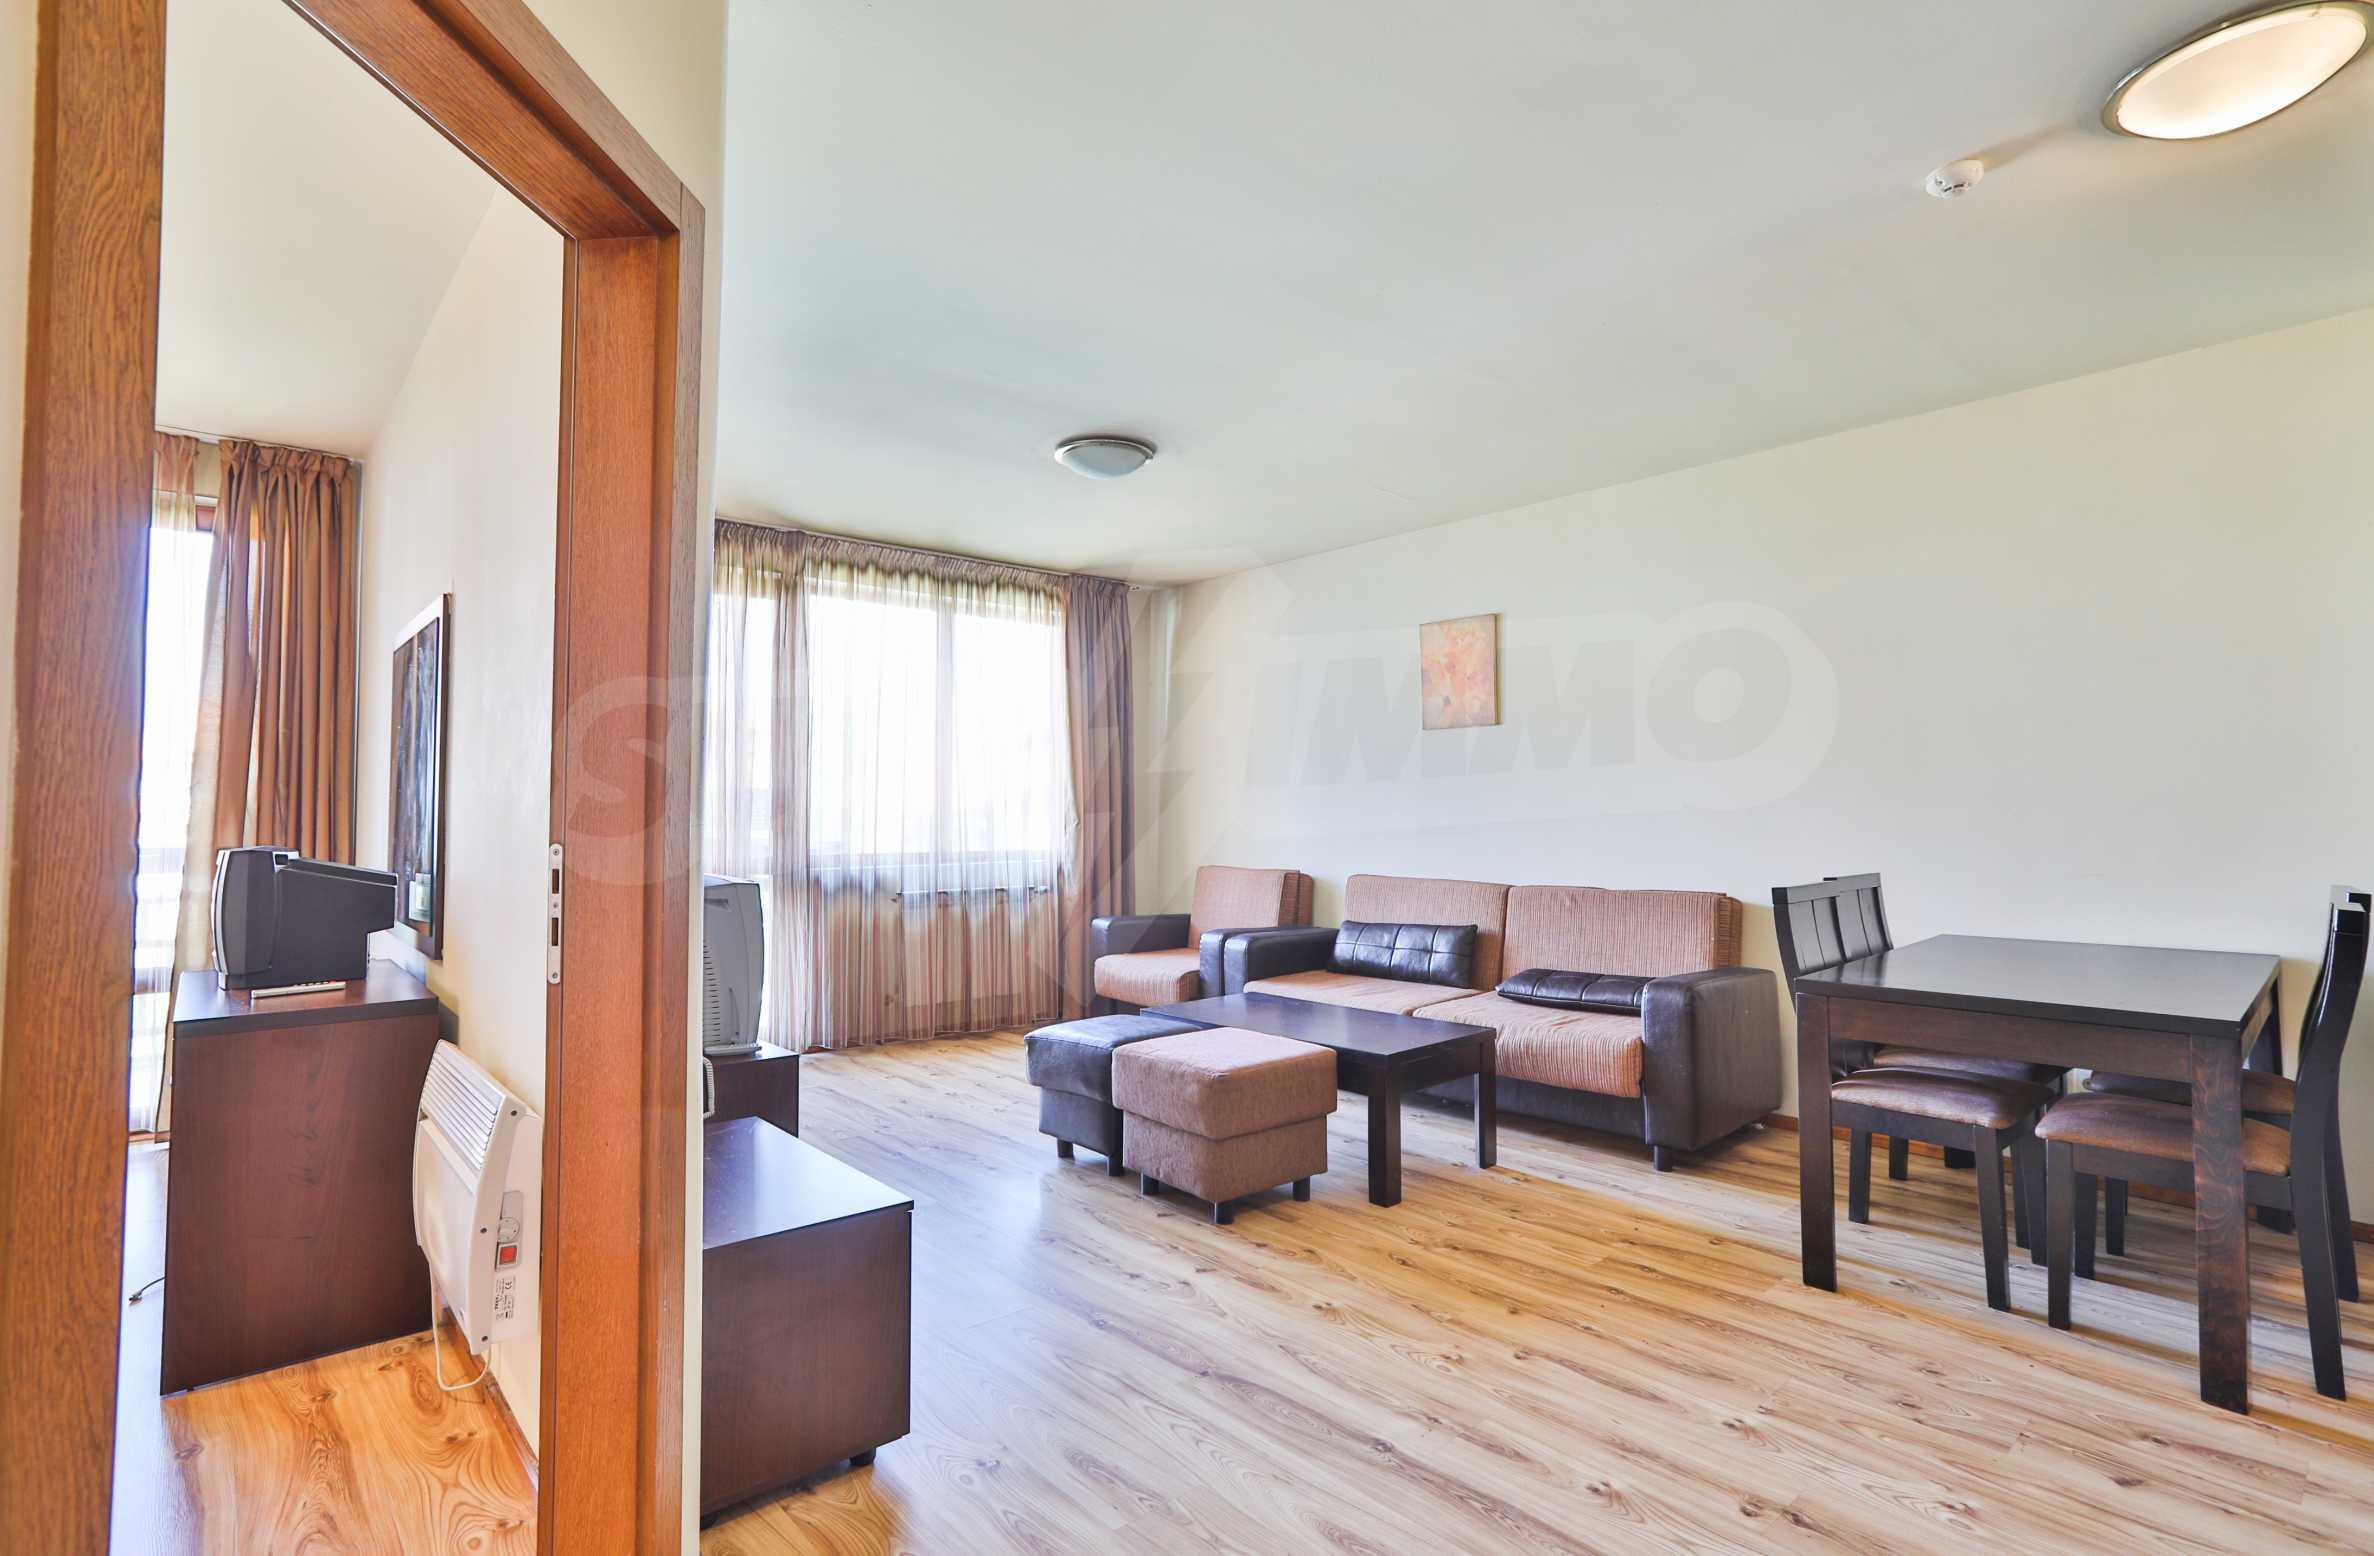 Едноспален апартамент намиращ се в един от най-известните ски курорти - Банско 2